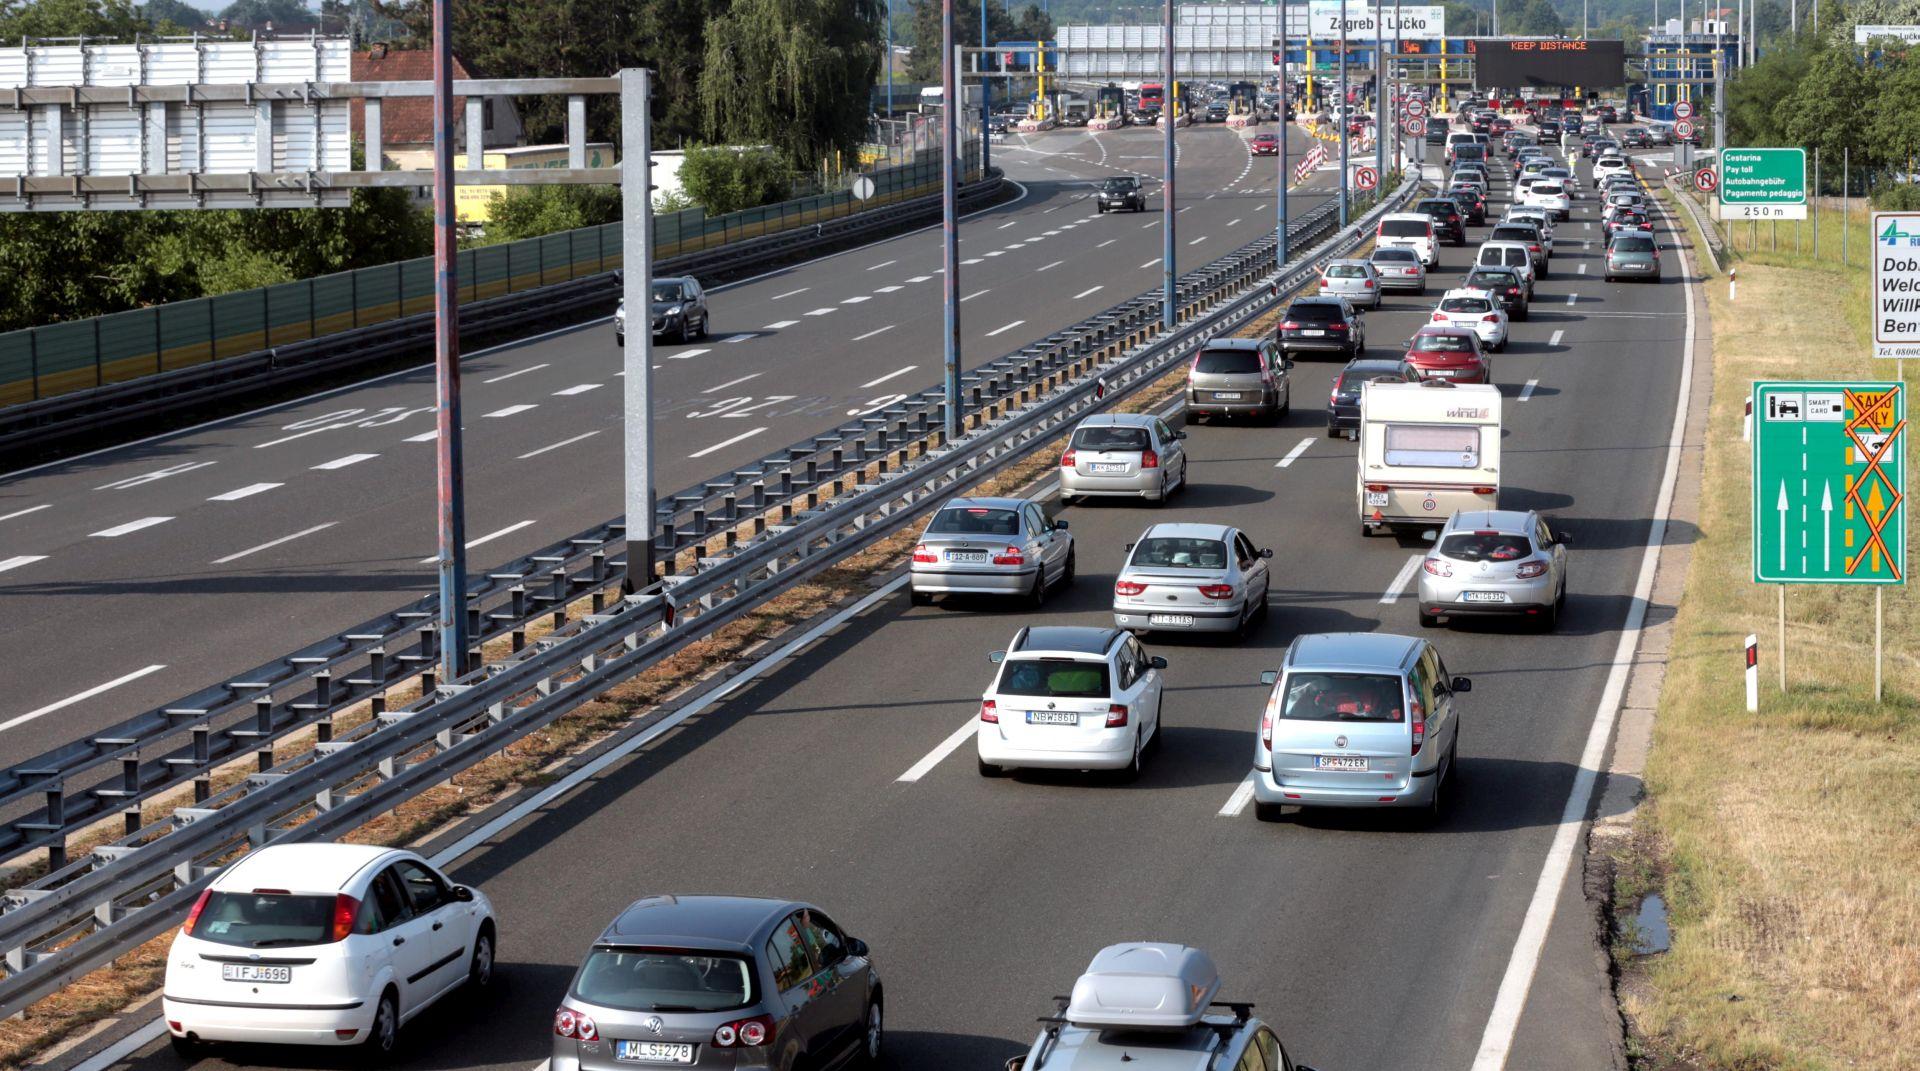 VOZAČI OPREZ: Promet pojačan prema moru, na graničnim prijelazima i u trajektnim lukama